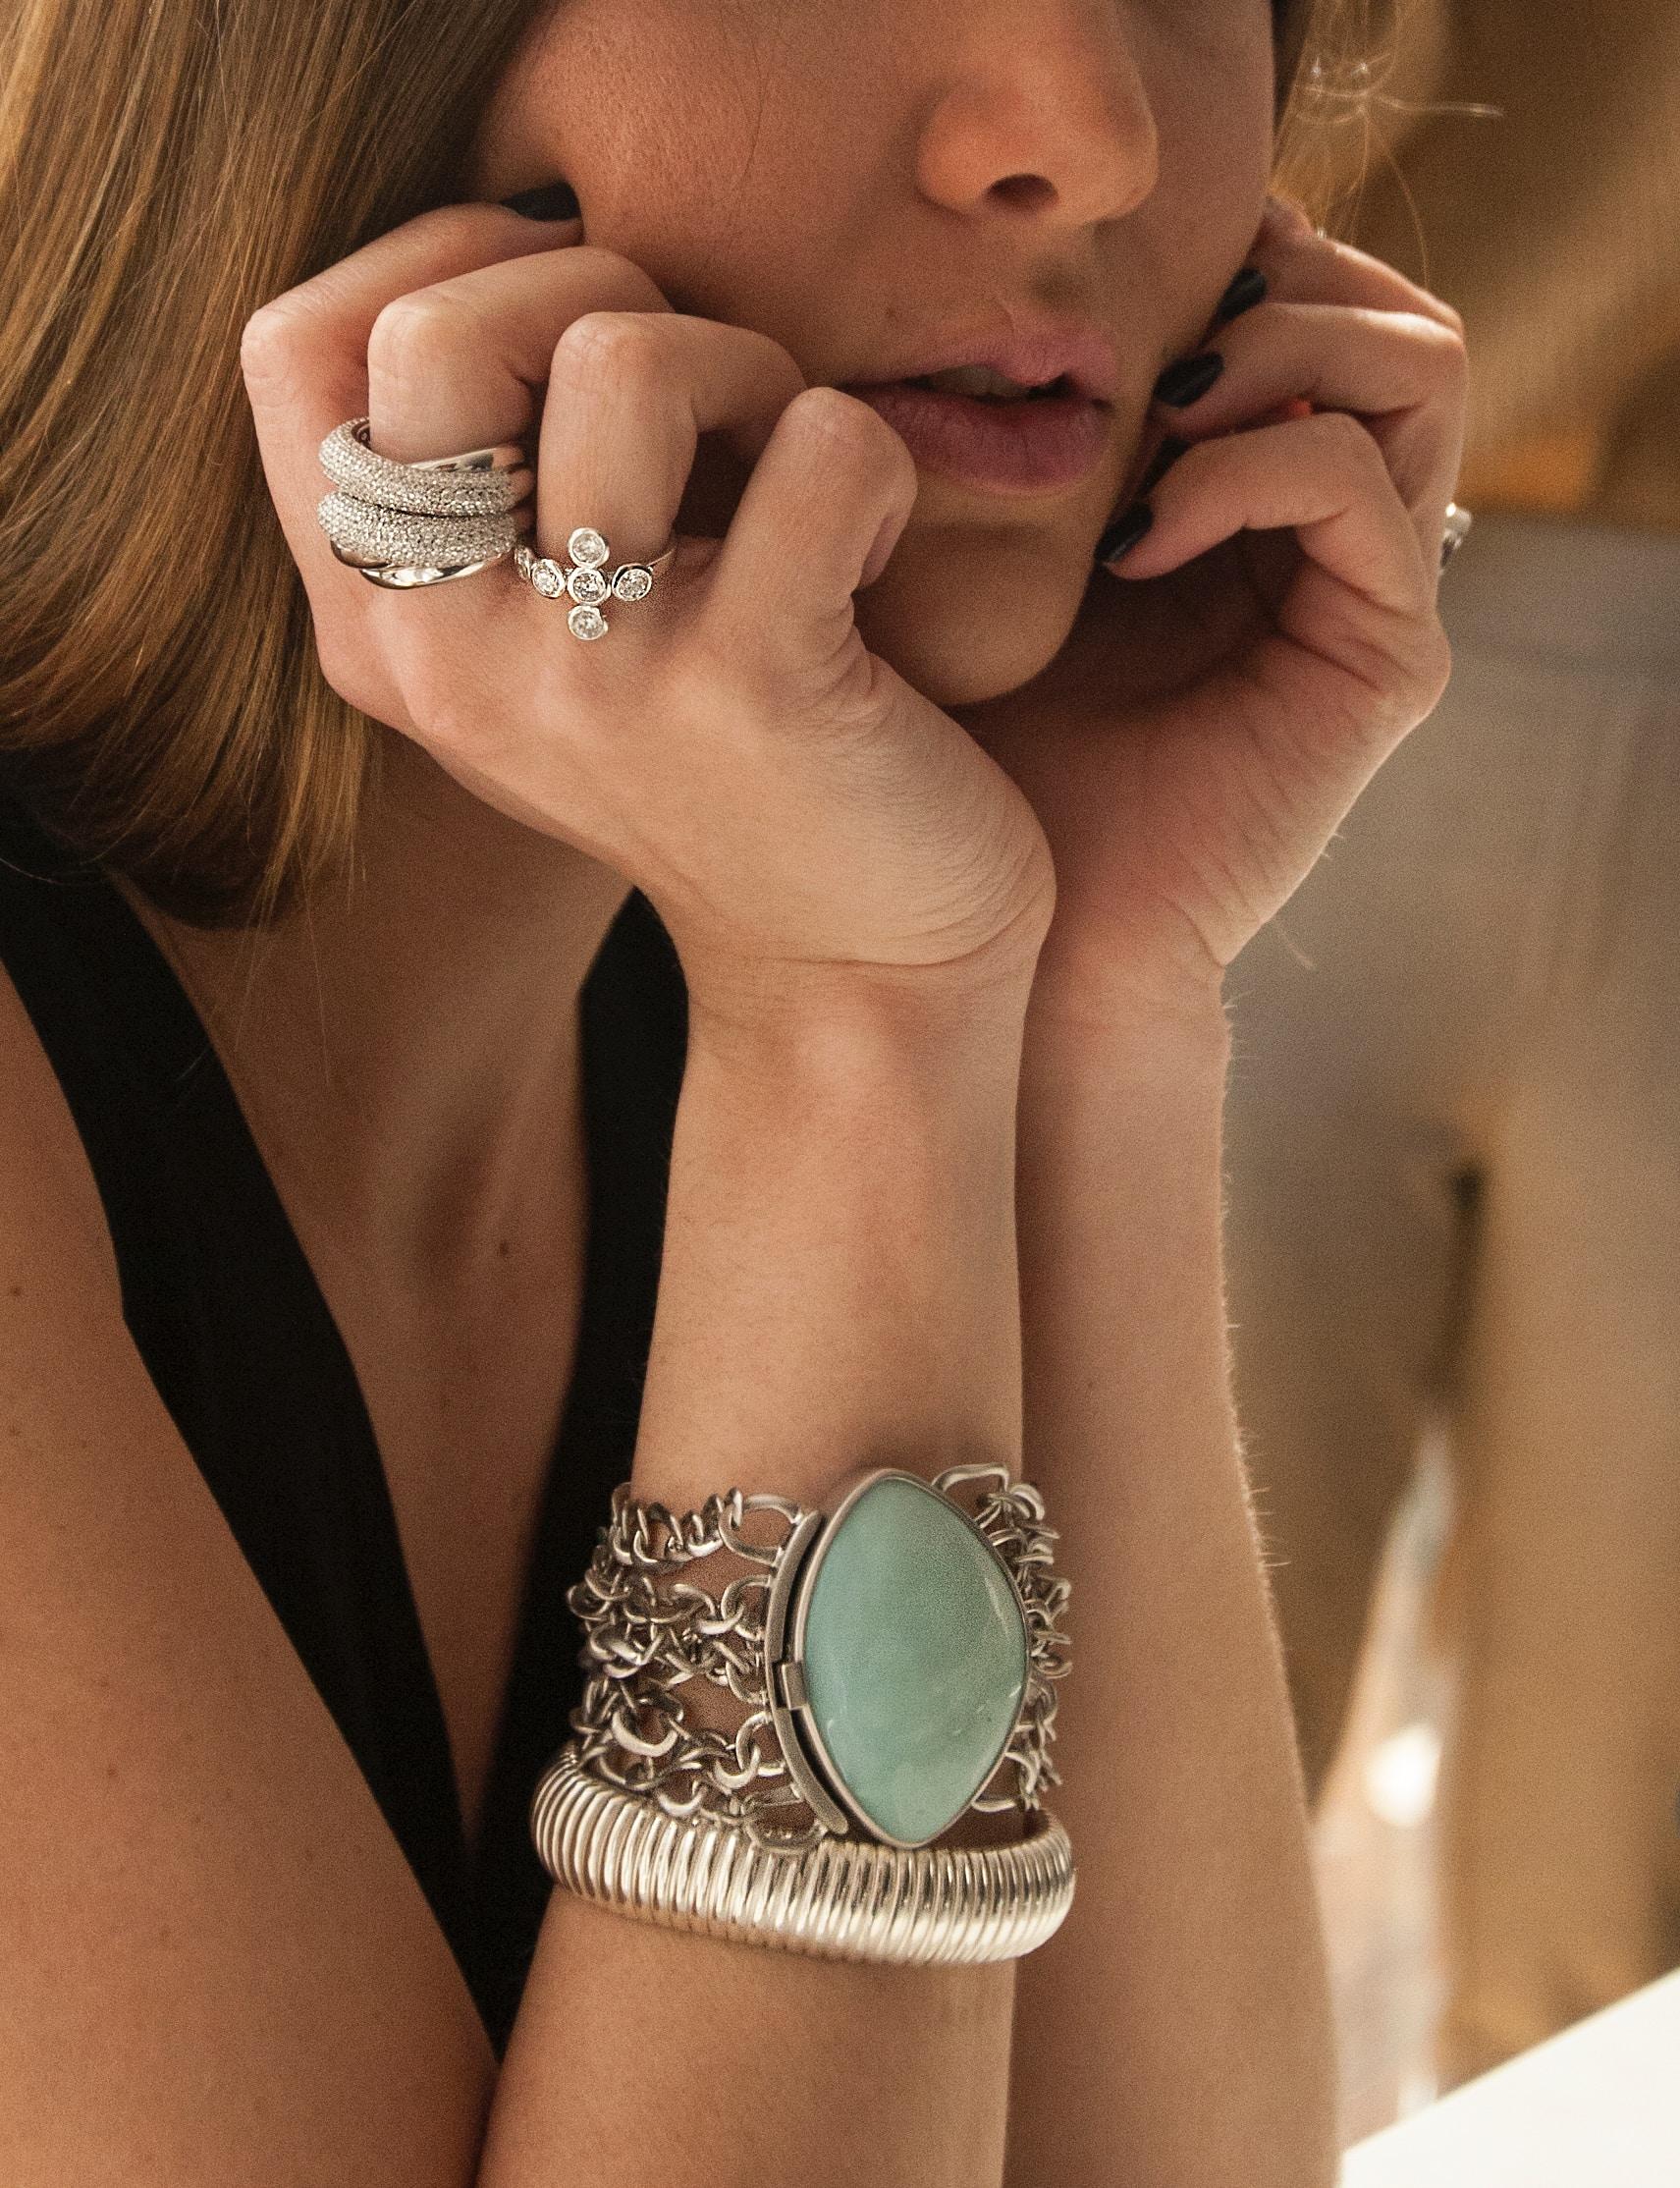 portret kobiety ze srebrną bransoletką z dużym jasnozielonym kamieniem